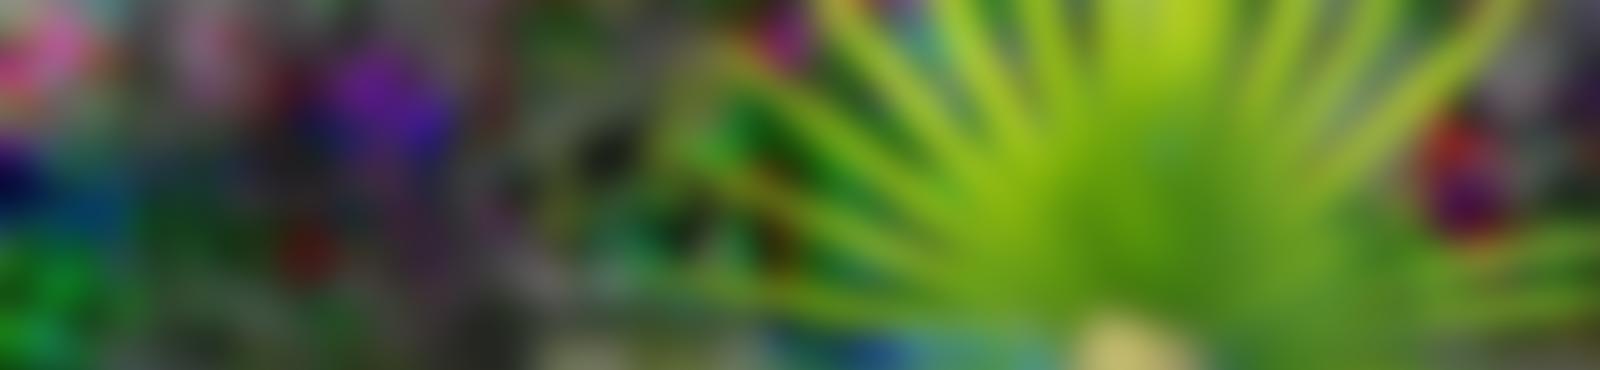 Blurred 4e9bcacc 6e09 459b b273 1071455812a8